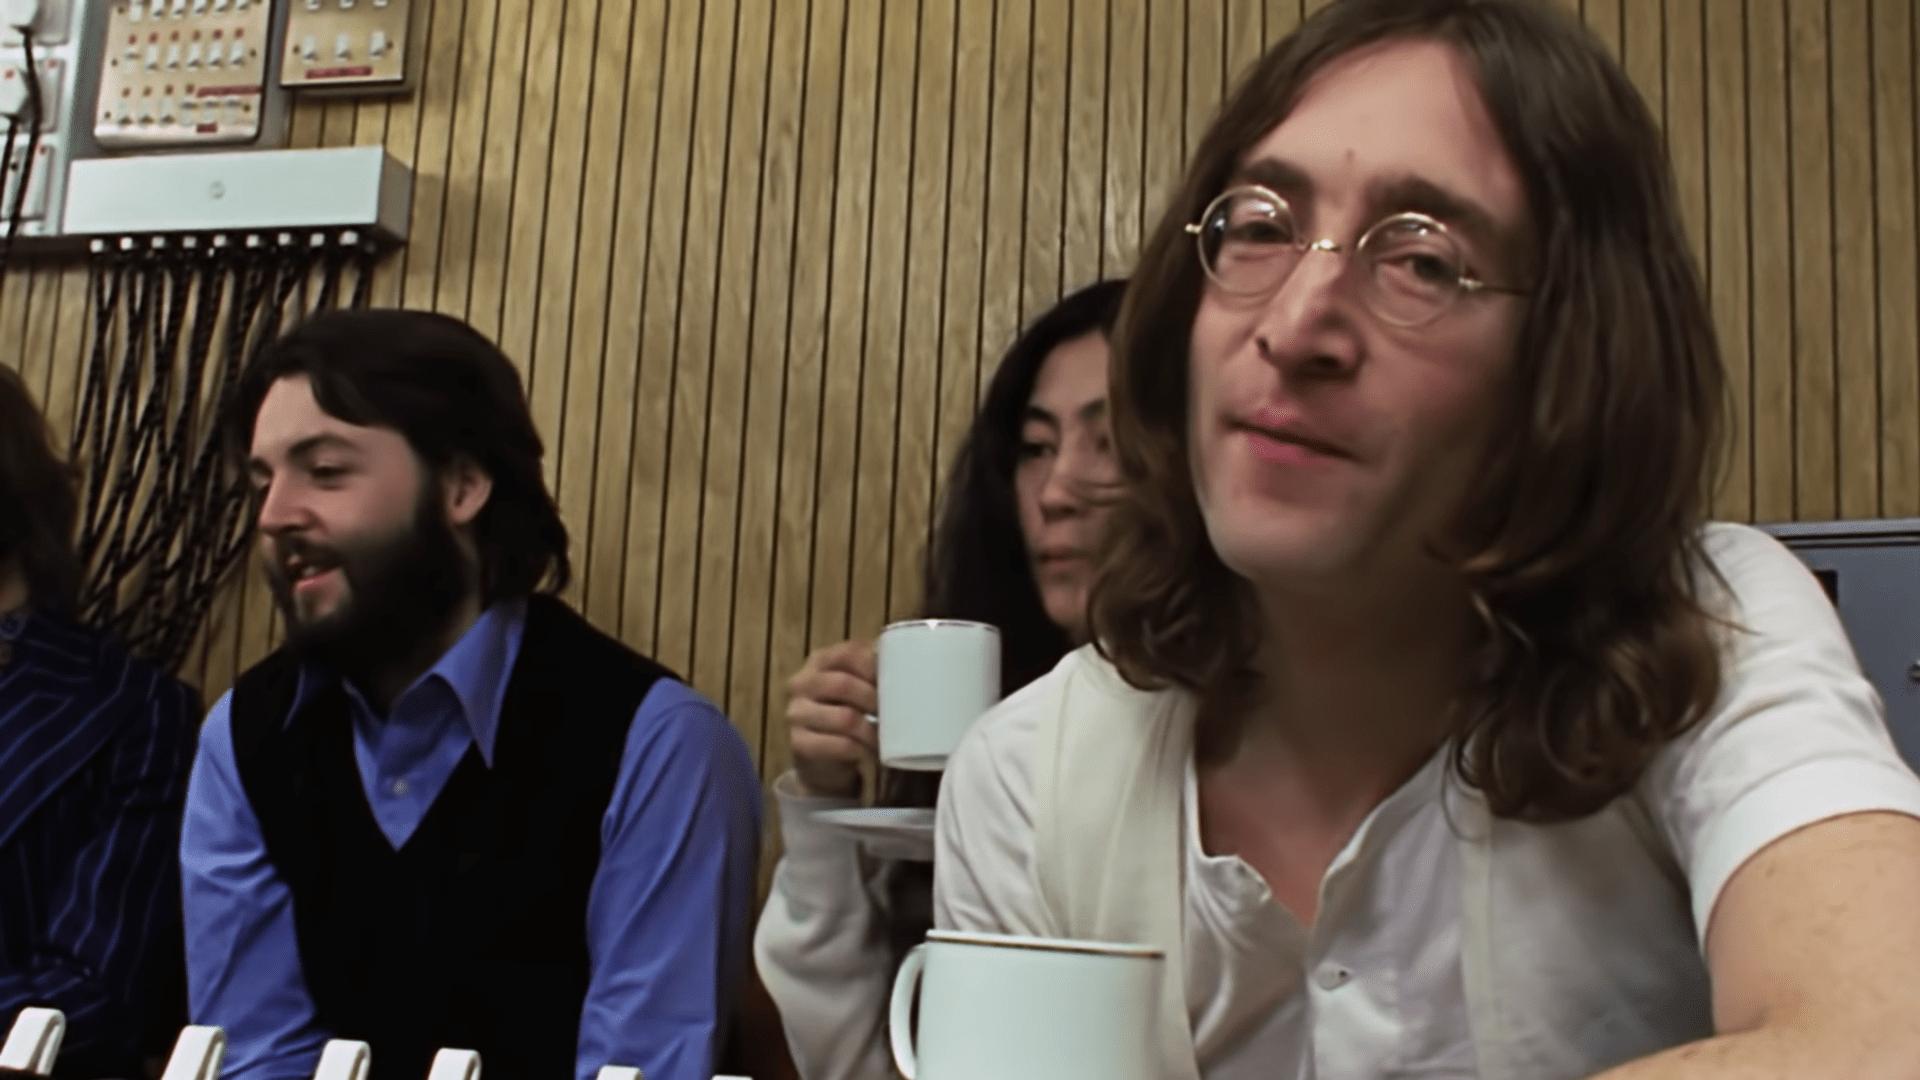 ¡Anuncian una edición especial de 'Let It Be' de The Beatles con material inédito!